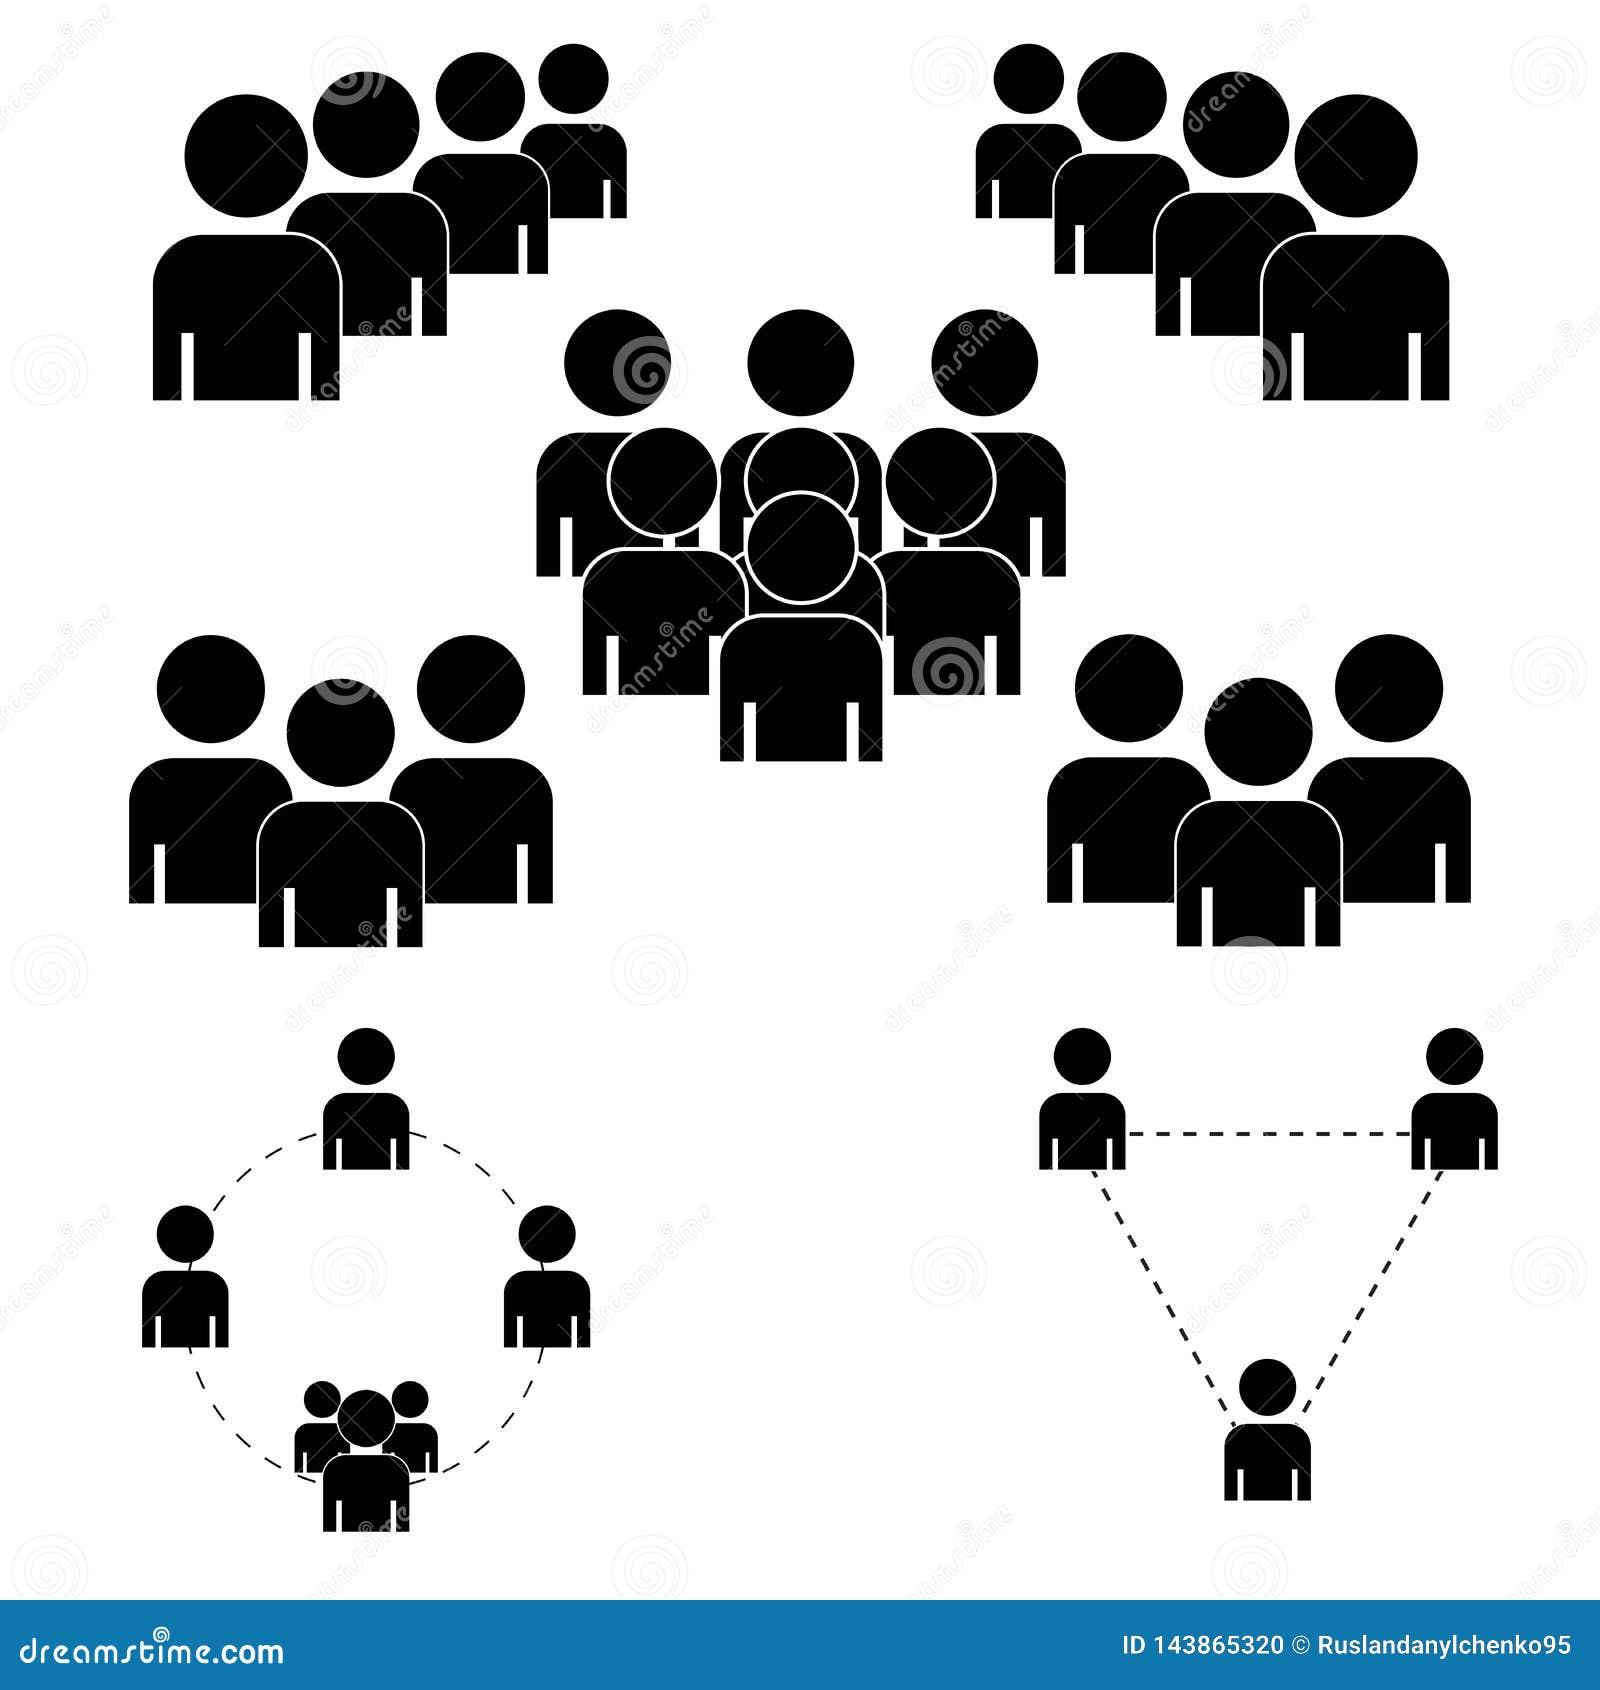 Μια ομάδα ανθρώπων ή ομάδες χρηστών Διανυσματικό επίπεδο εικονίδιο φίλων για τις εφαρμογές και τους ιστοχώρους Μαύρα εικονίδια σε